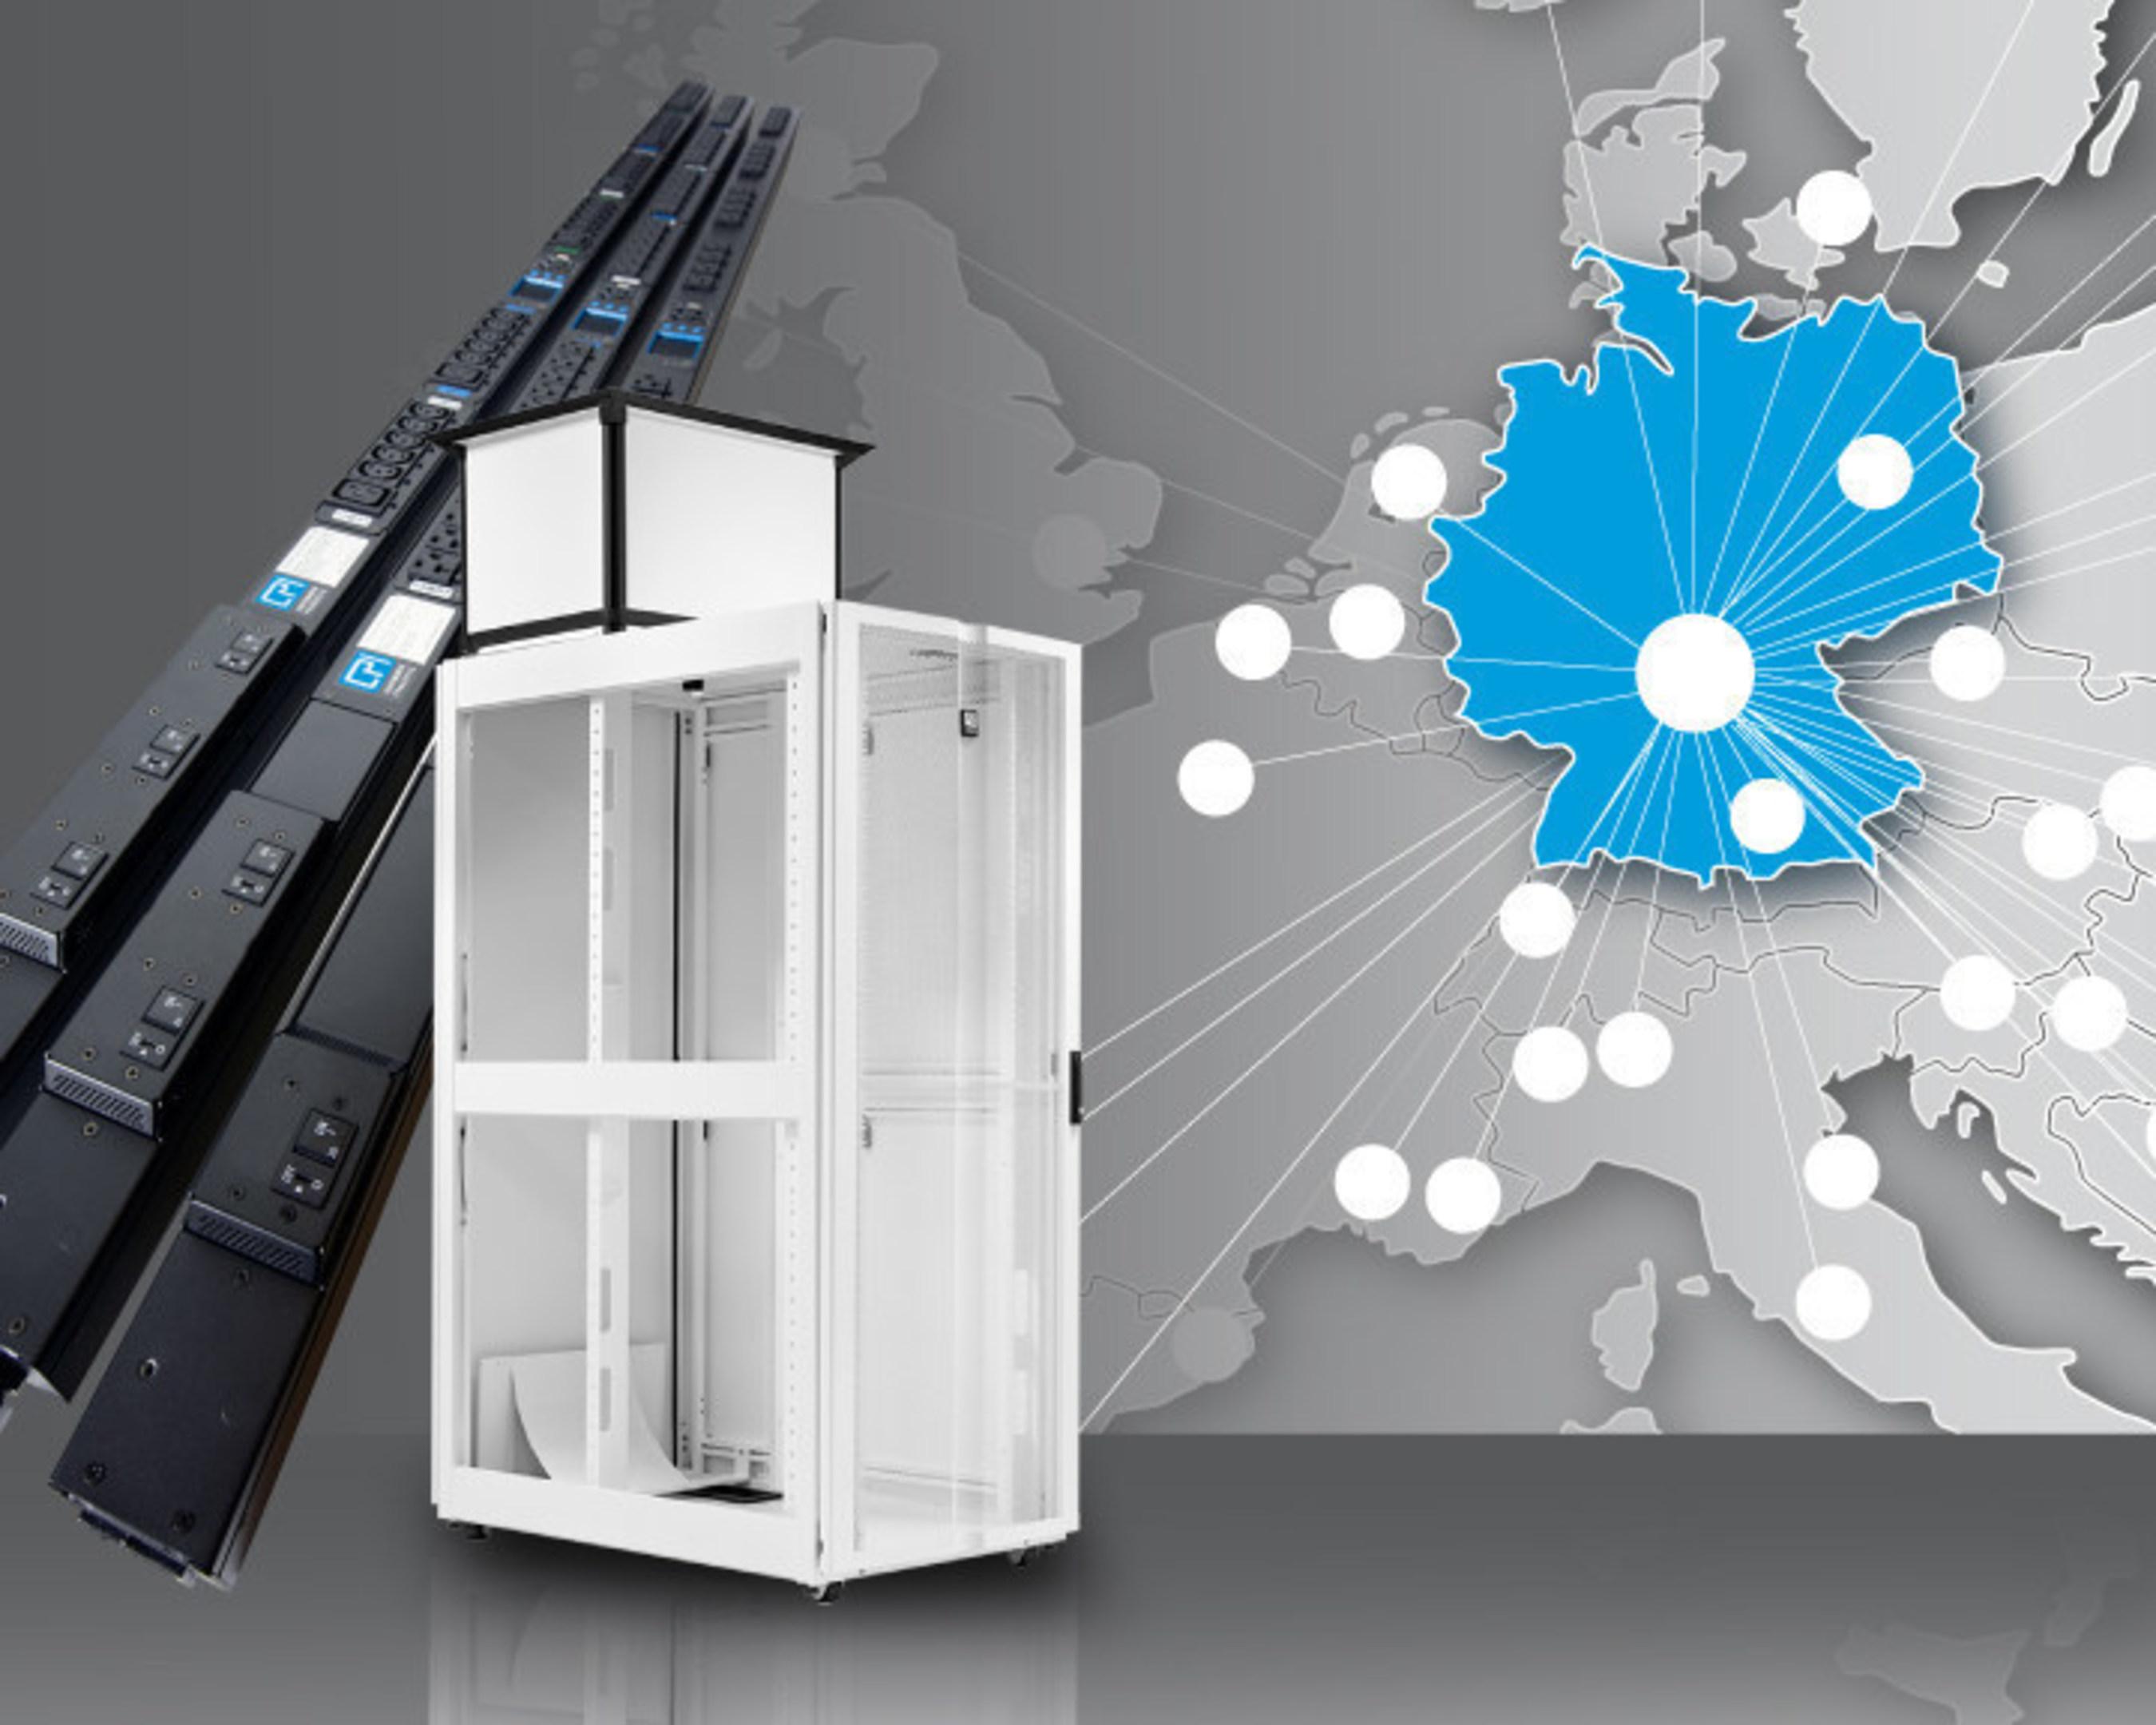 Productos de Infraestructura de TI de Alta Calidad Ahora Disponibles desde La Fábrica Alemana de